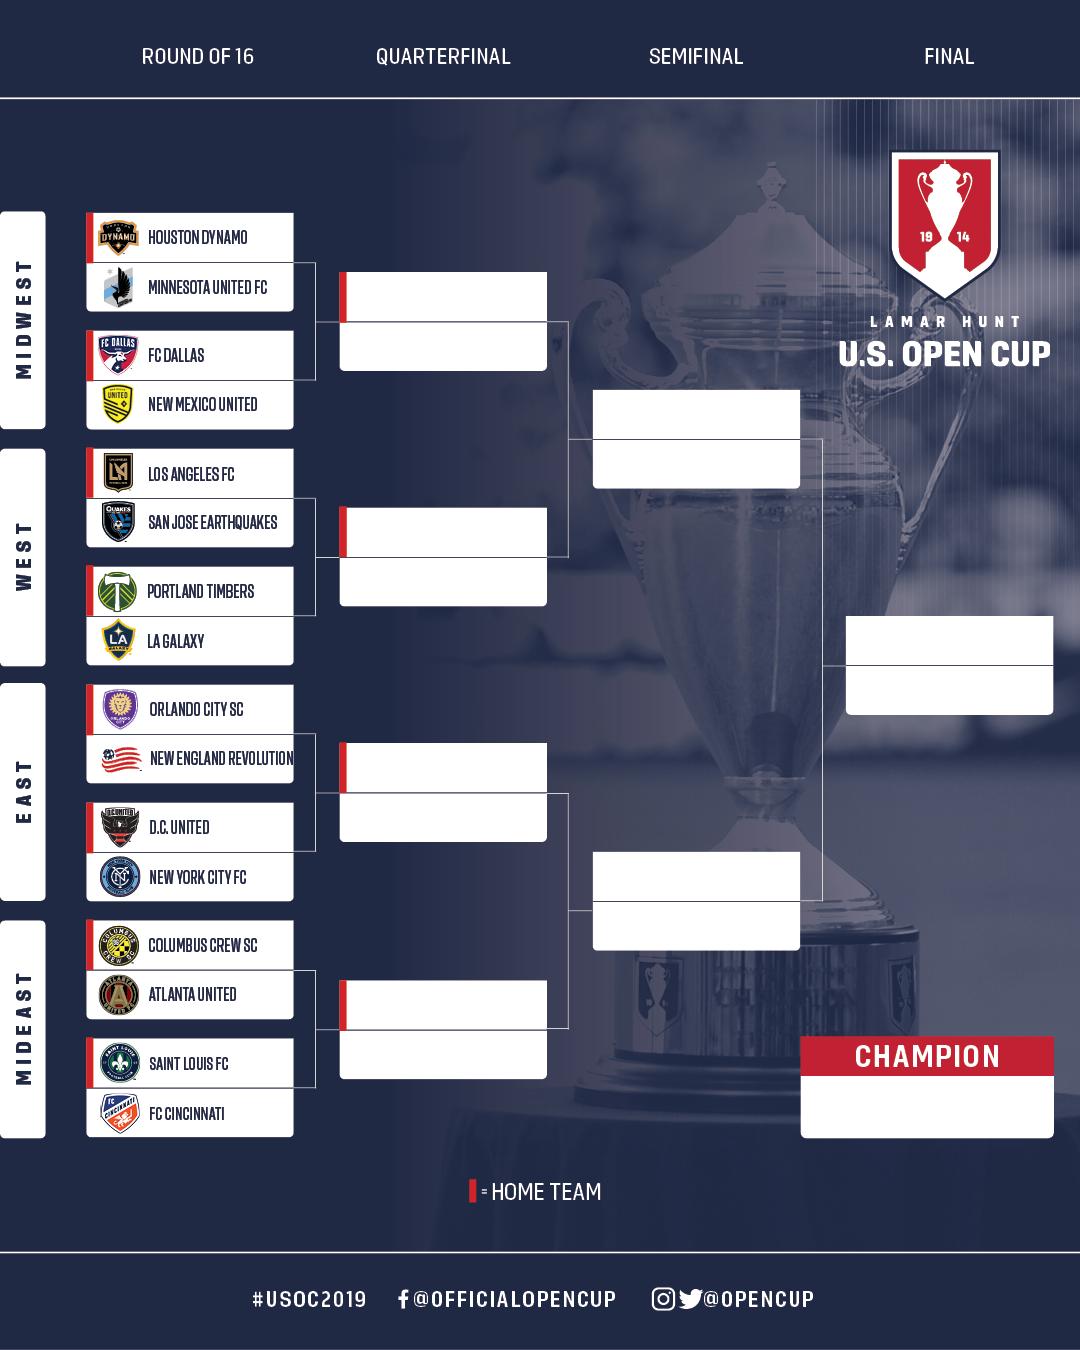 2019 U.S. Open Cup bracket